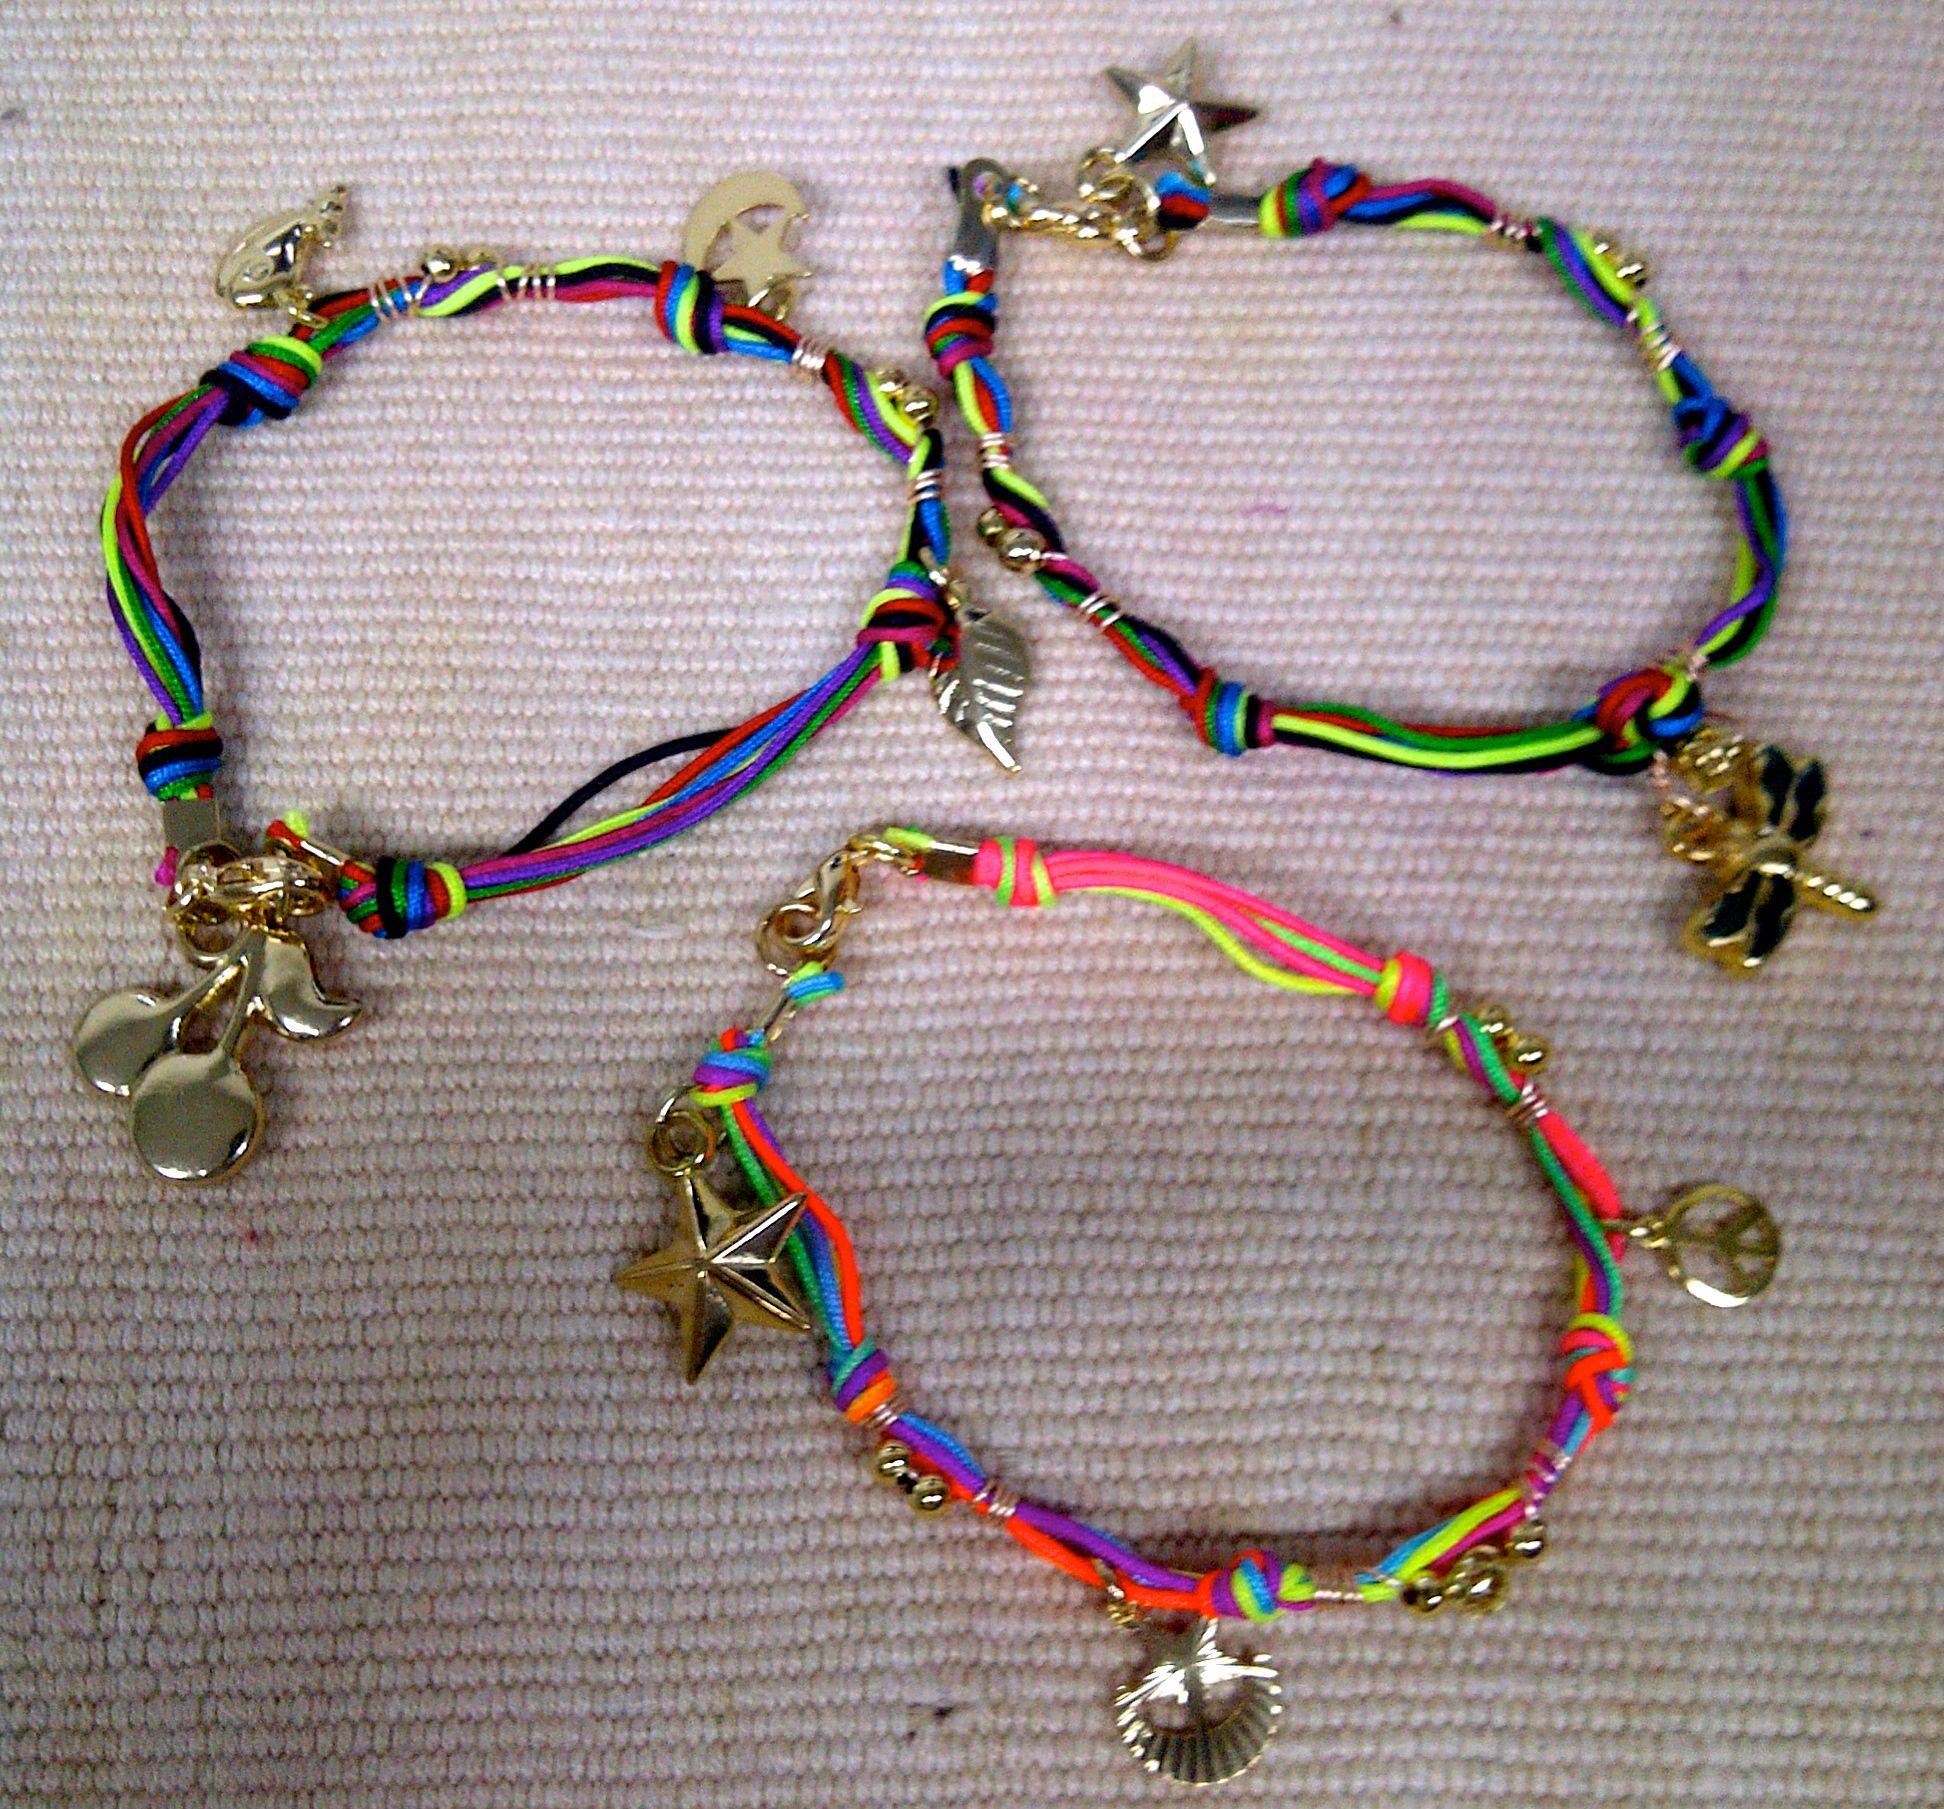 dde4892416c3 Pulseras con hilos de nylon en variados colores y dijes en oro laminado.